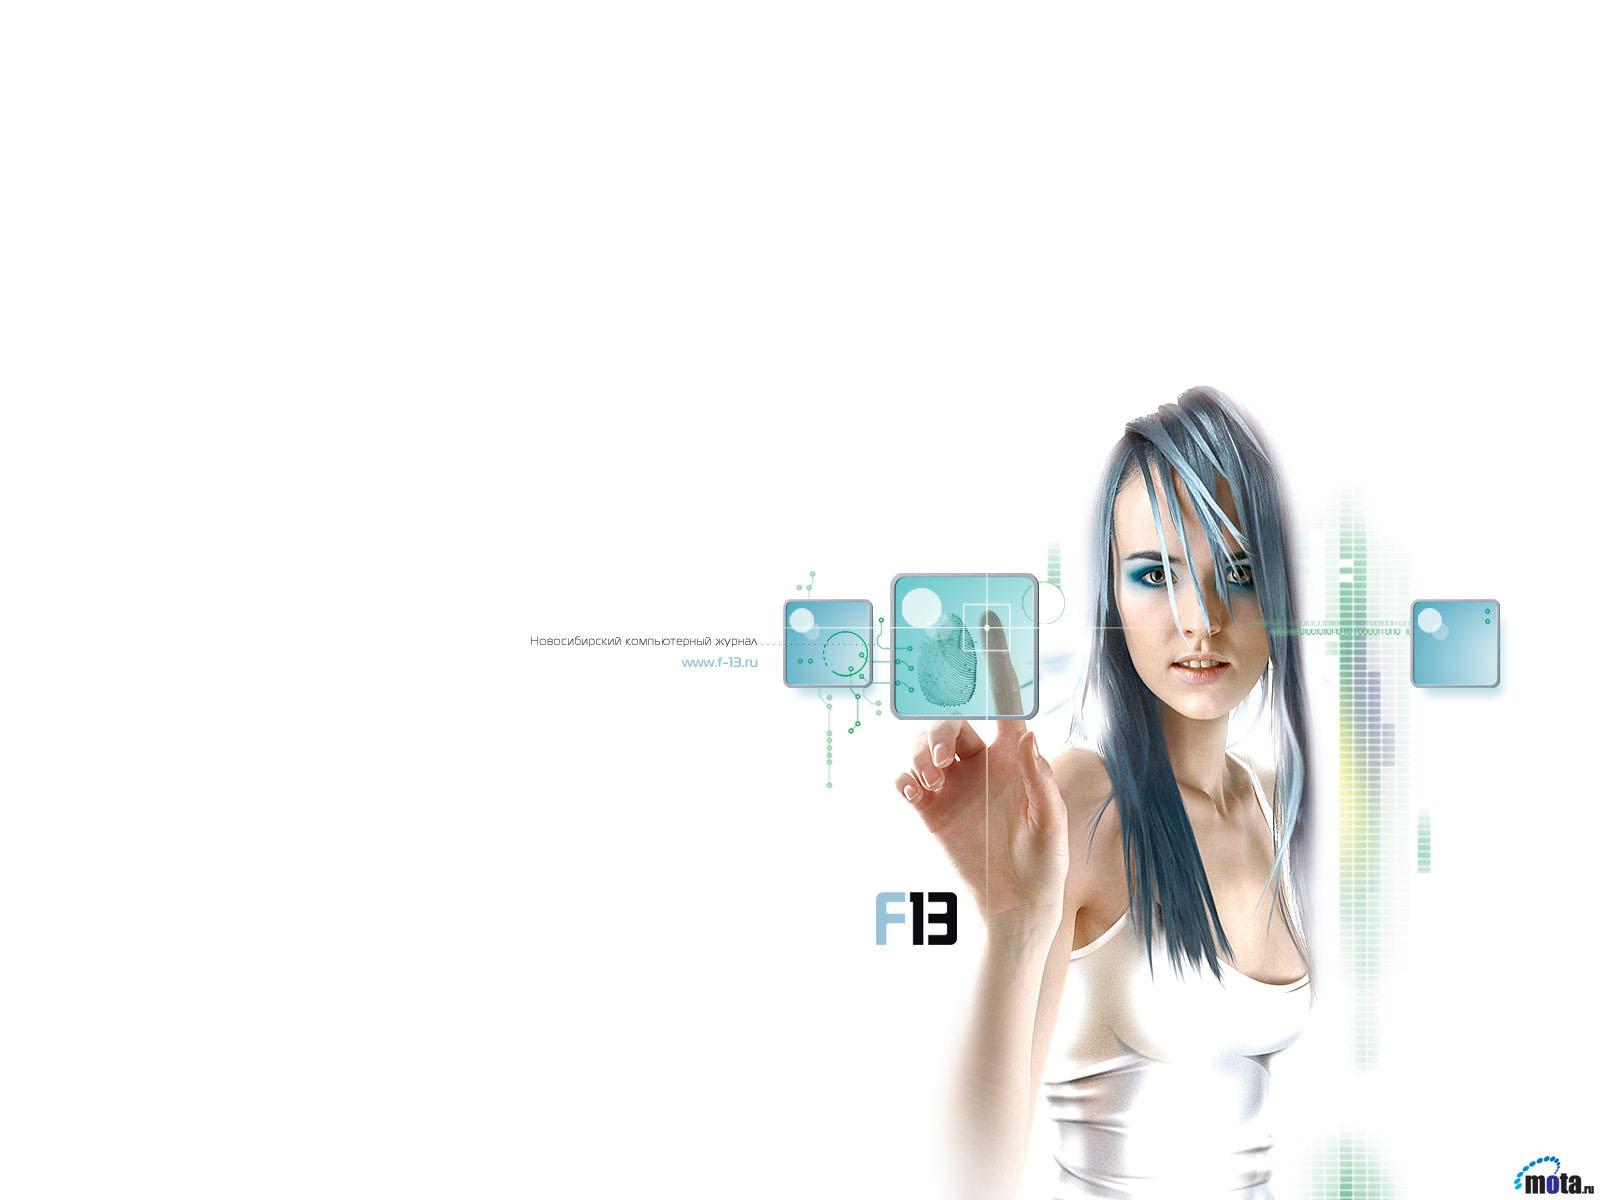 NIKEE WALLPAPERS, Tapety Na Plochu PC, Pozadí Na Plochu PC